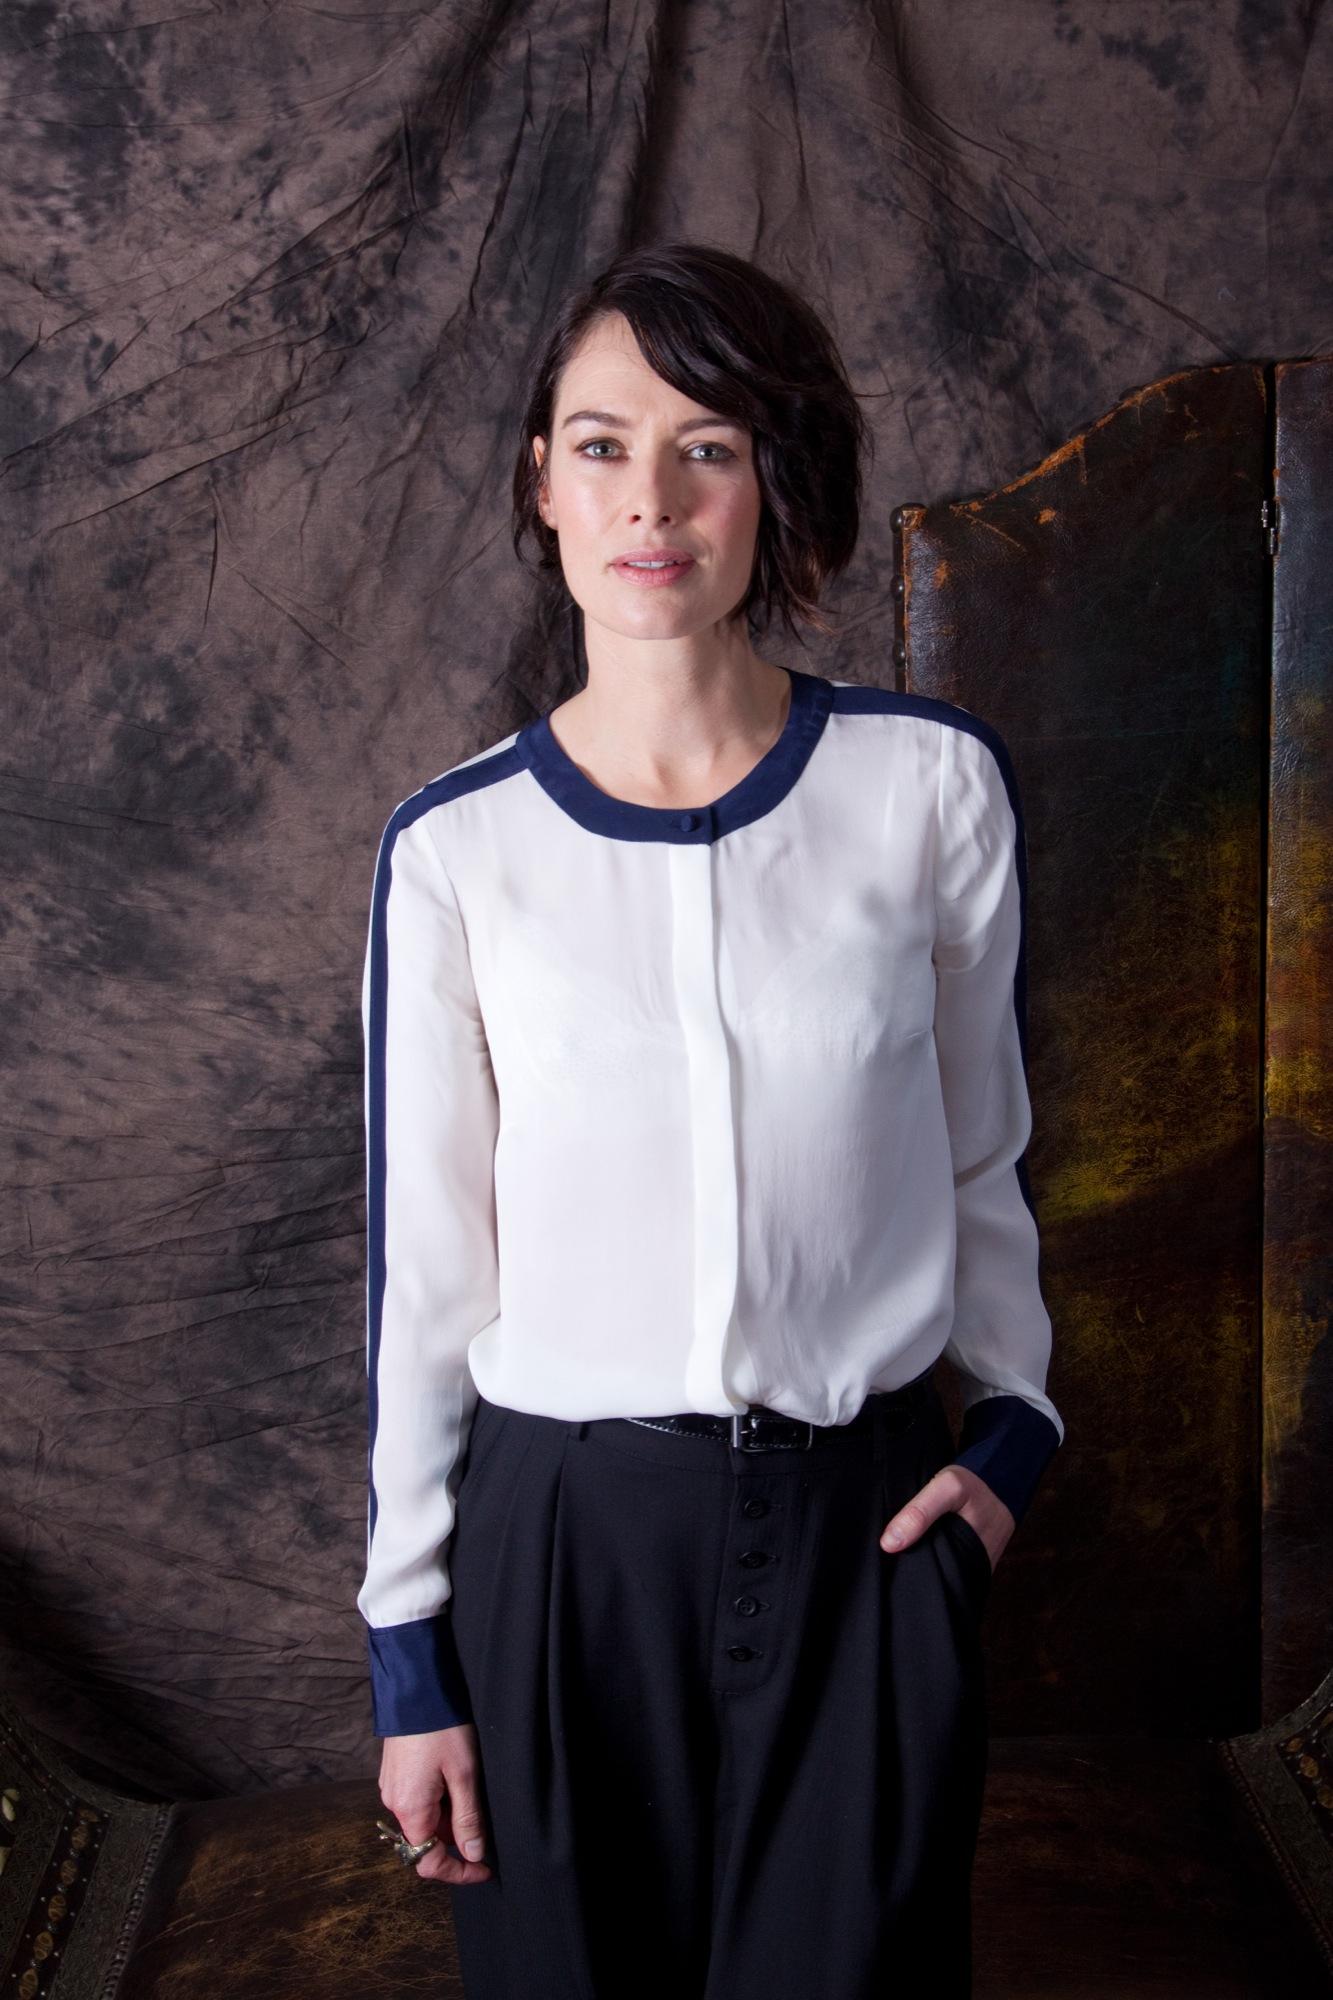 актриса лена хиди